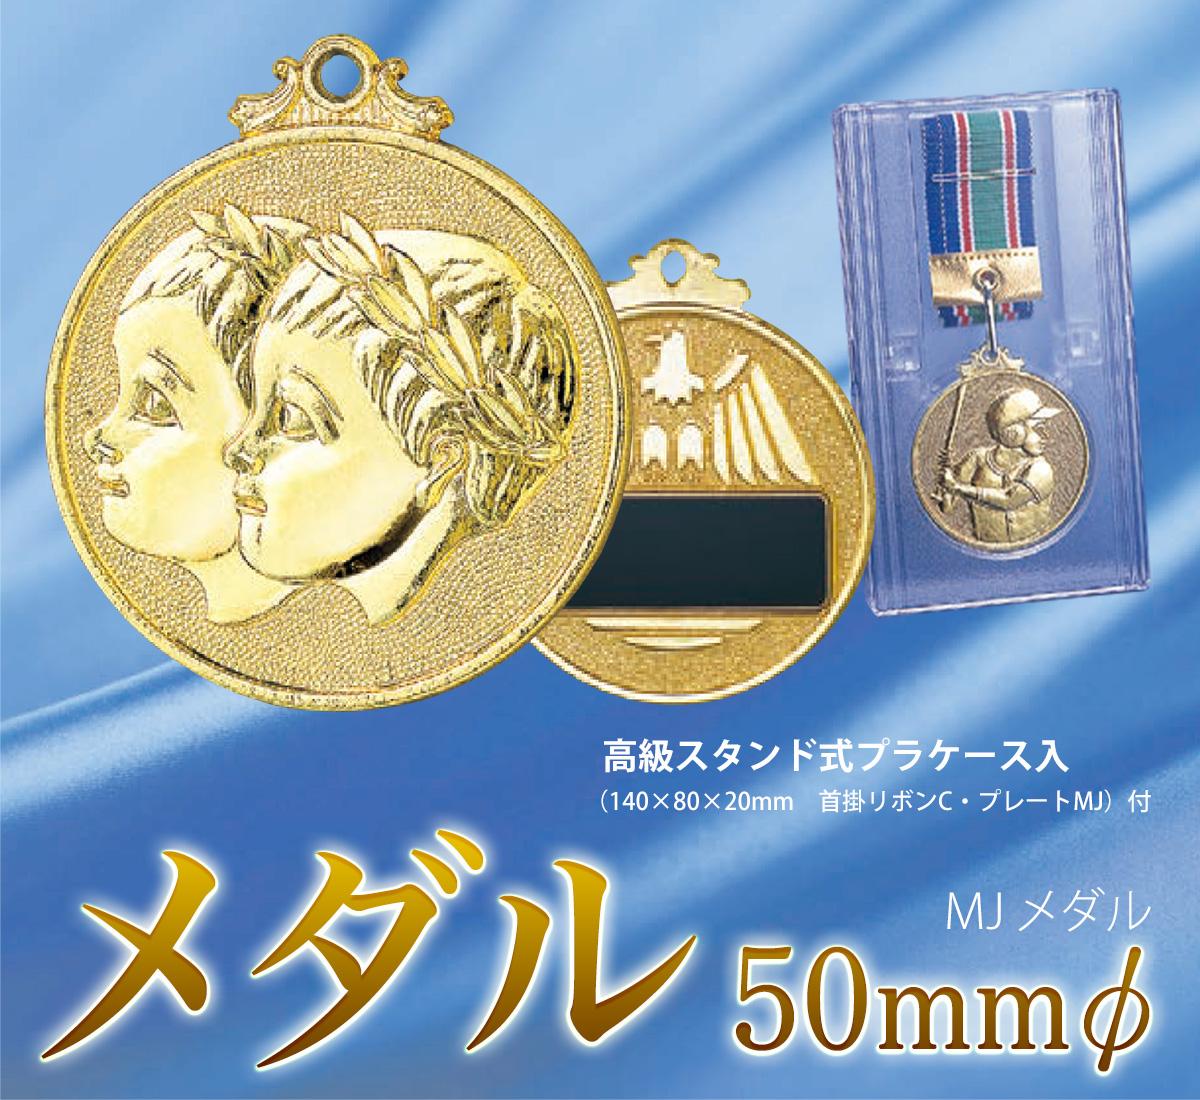 メダル 50mmφ MJメダル画像